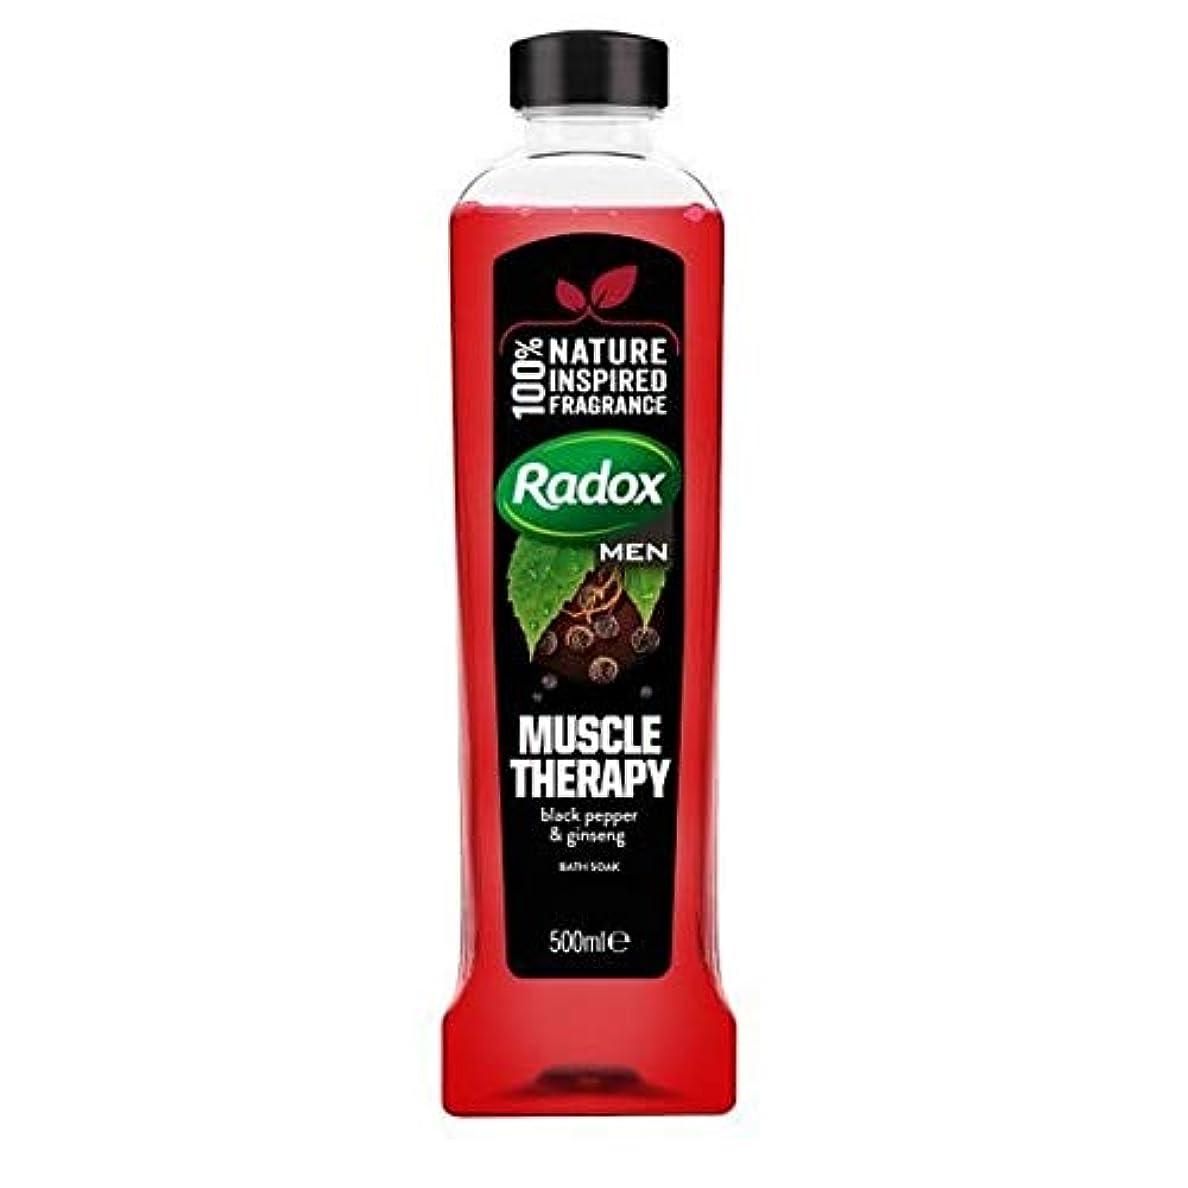 団結するメキシコ夢中[Radox] Radoxは、500ミリリットルのソーク良い香り筋肉の治療風呂を感じます - Radox Feel Good Fragrance Muscle Therapy Bath Soak 500ml [並行輸入品]